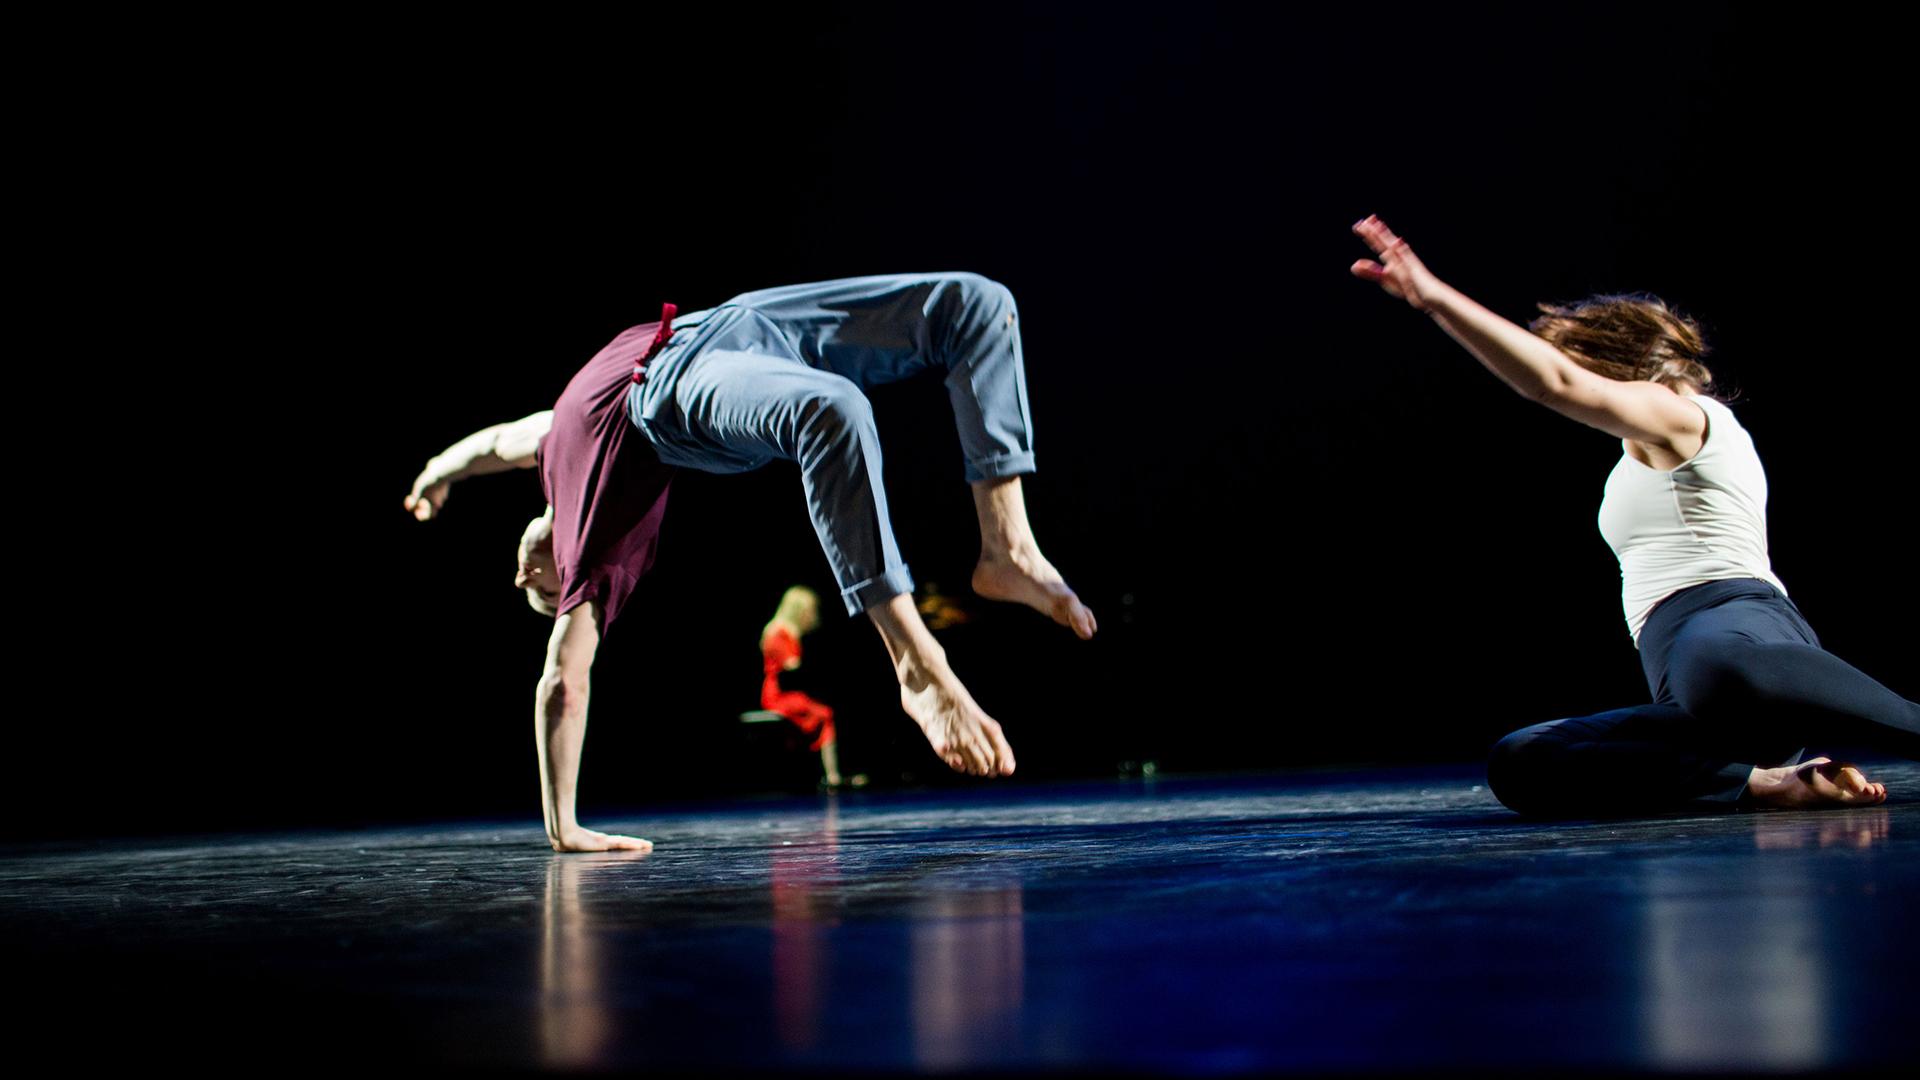 2 dansende mensen op podium